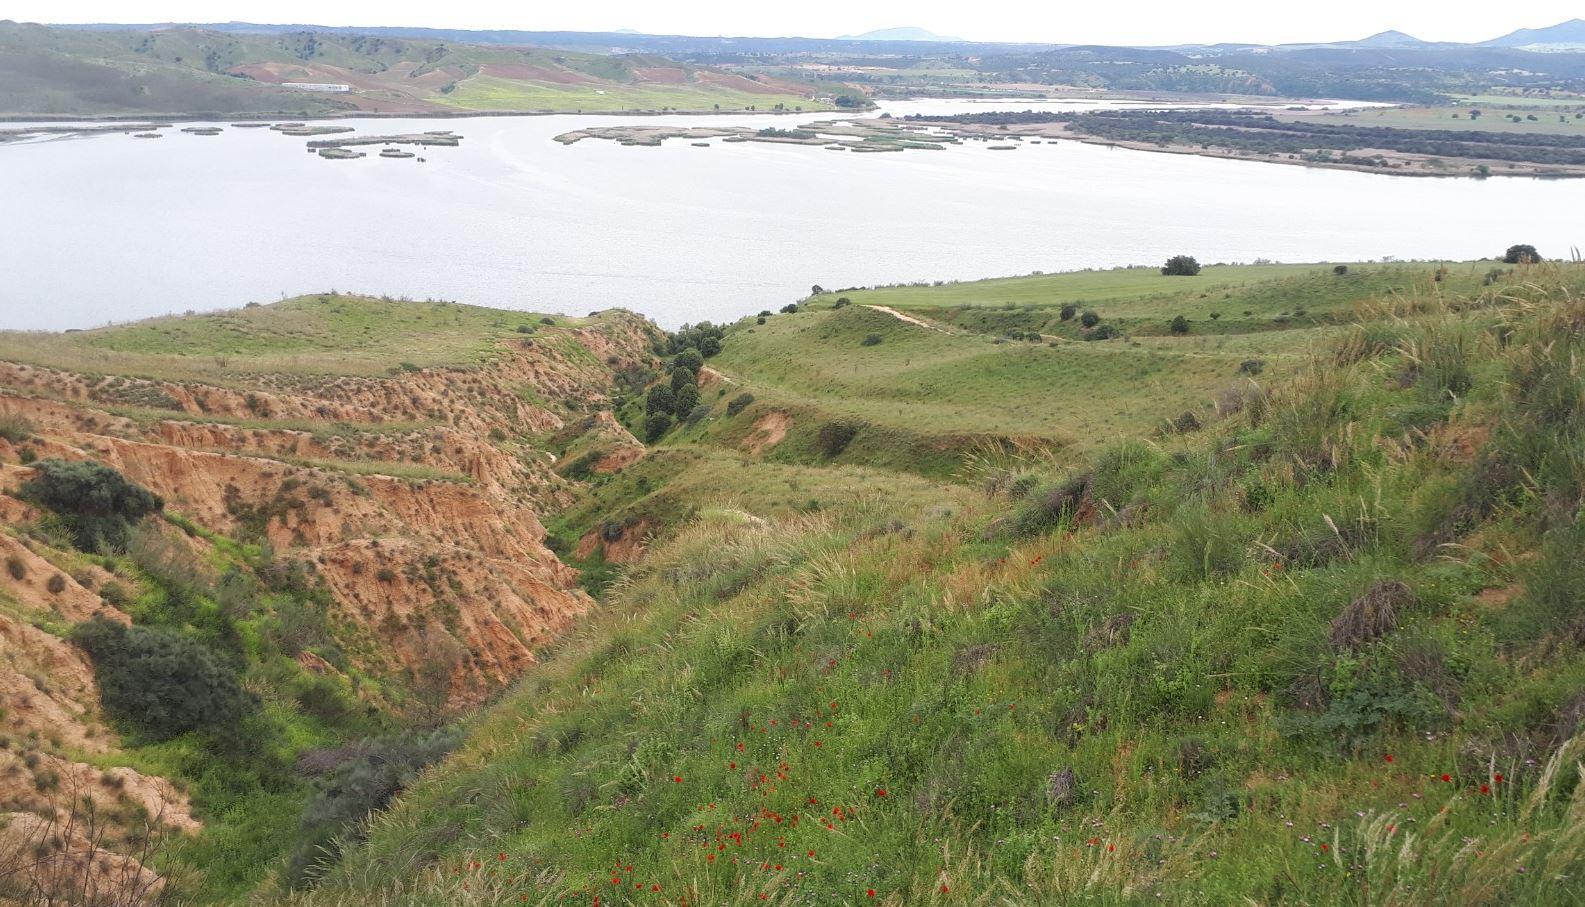 Barrancas de Burujón en la primavera de 2020